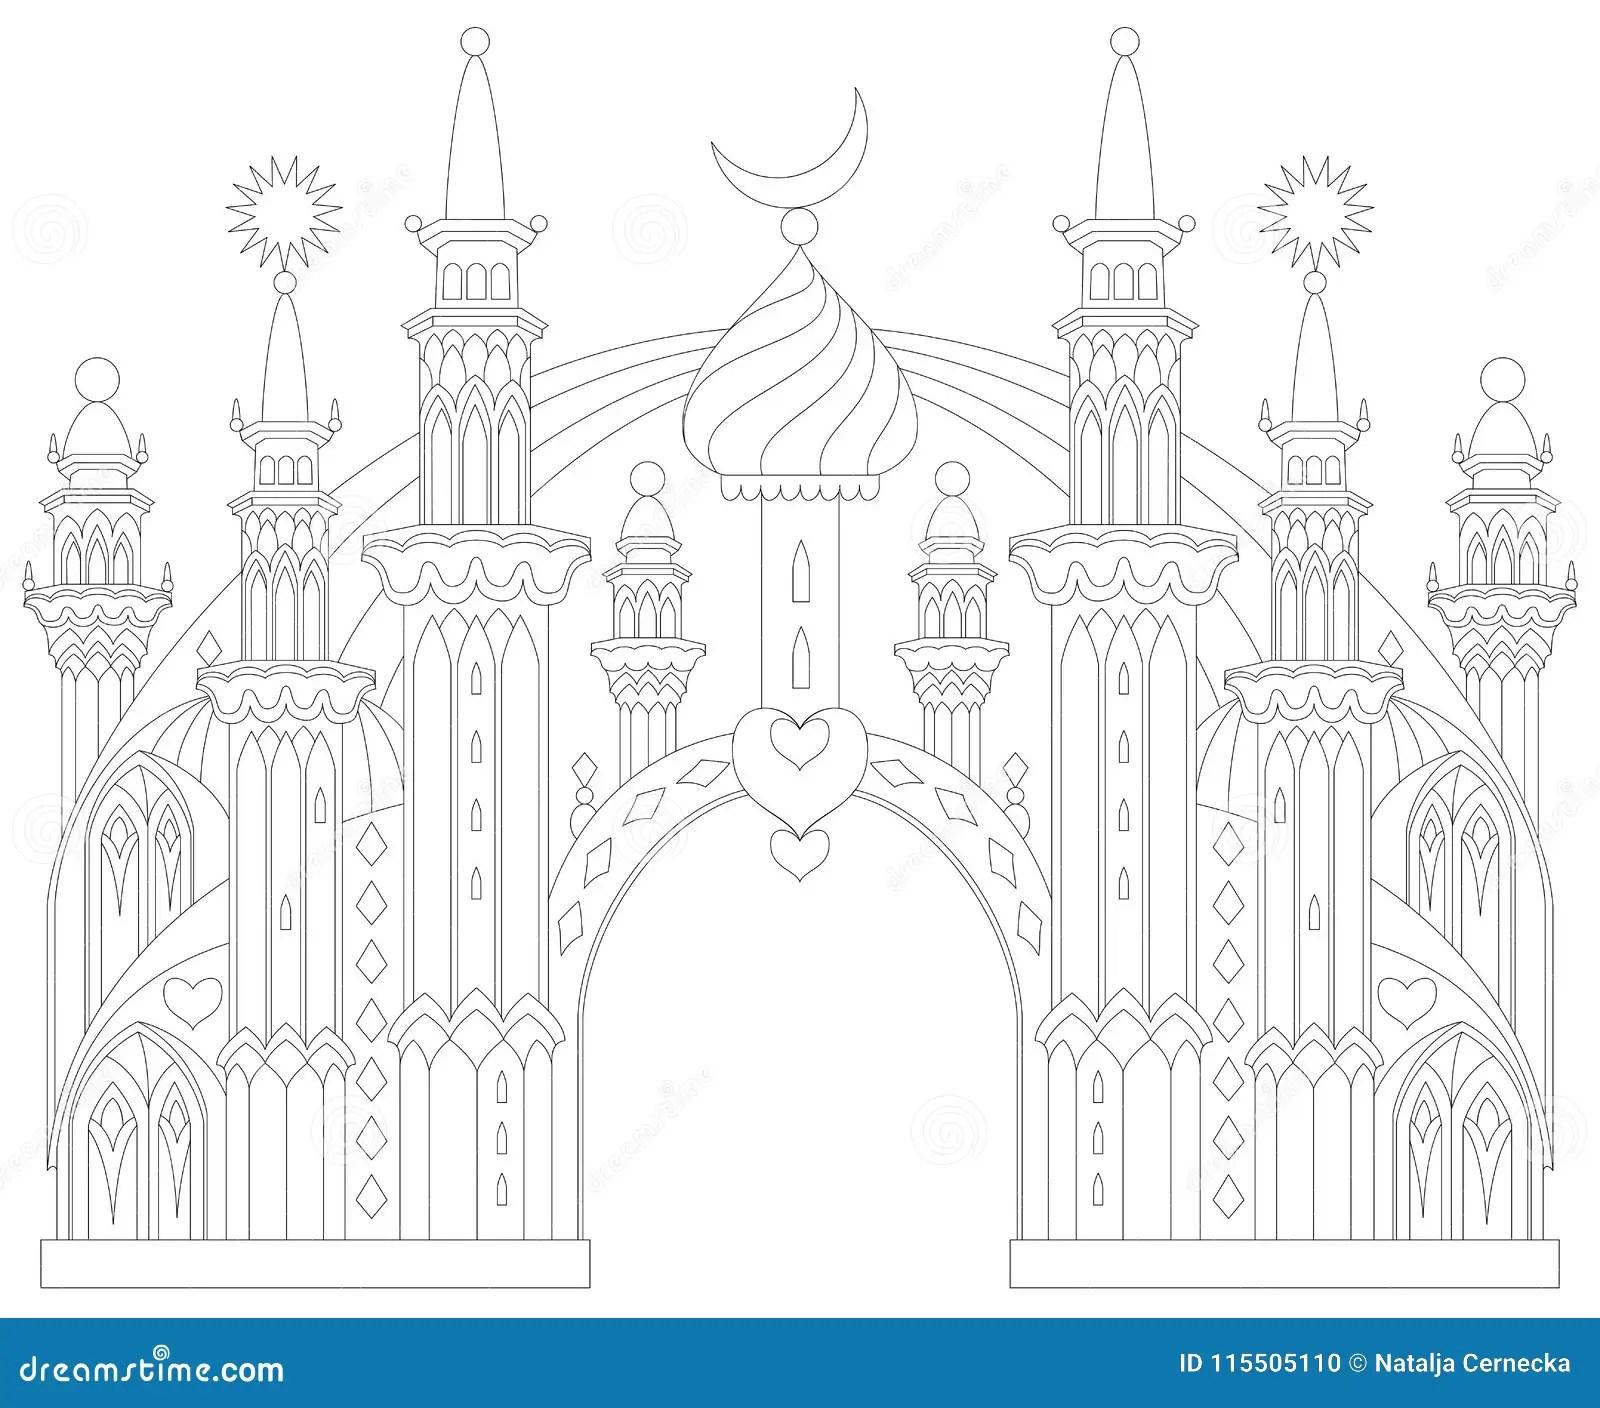 Pagina Blanco Y Negro Para Colorear Castillo Del Este Fantastico De Un Cuento De Hadas Hoja De